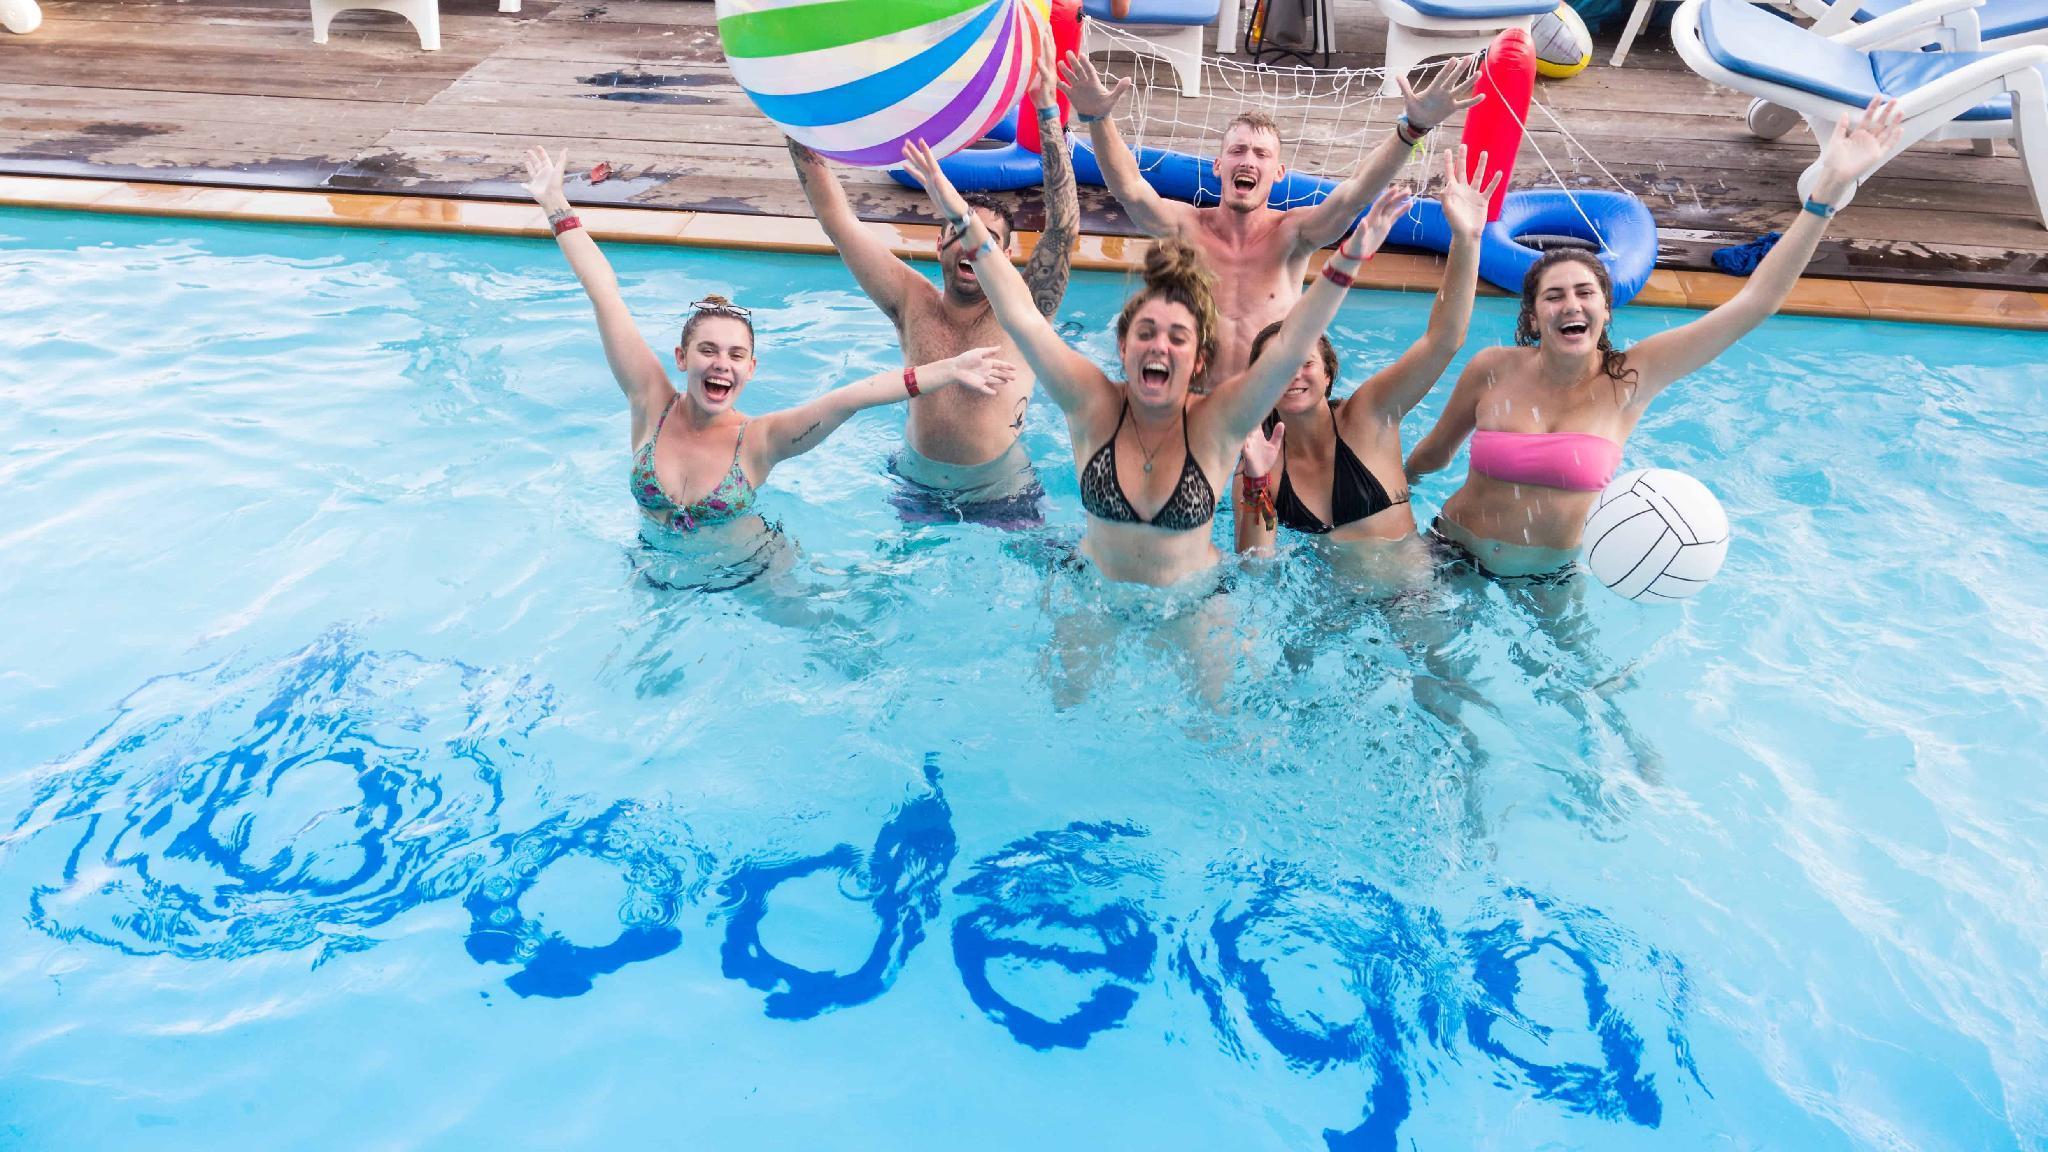 Bodega Beach Club & Hostel